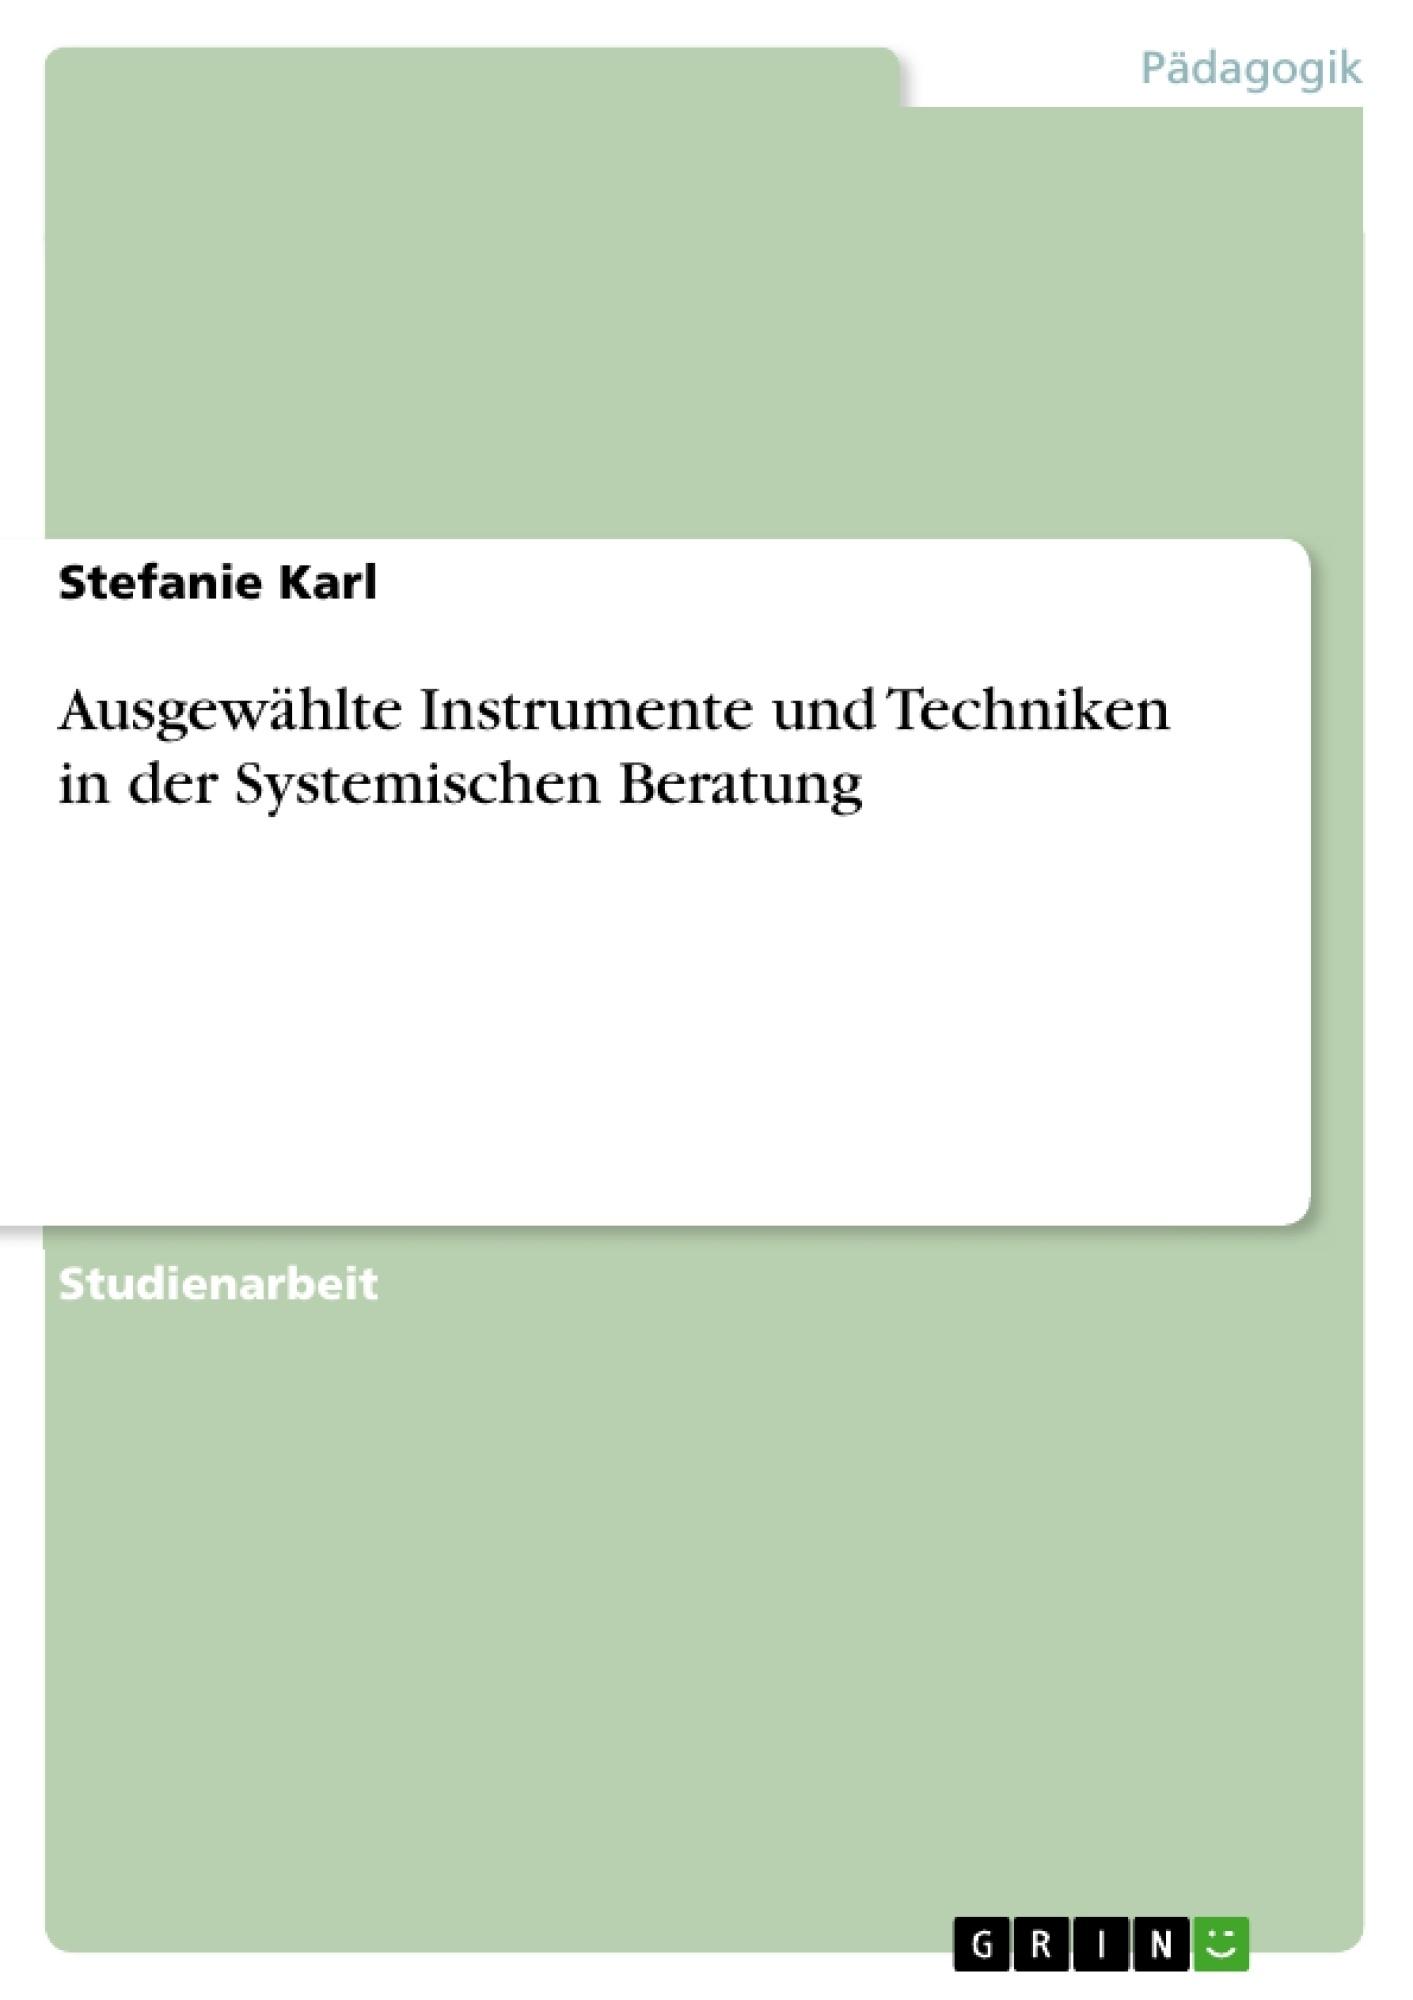 Titel: Ausgewählte Instrumente und Techniken in der Systemischen Beratung